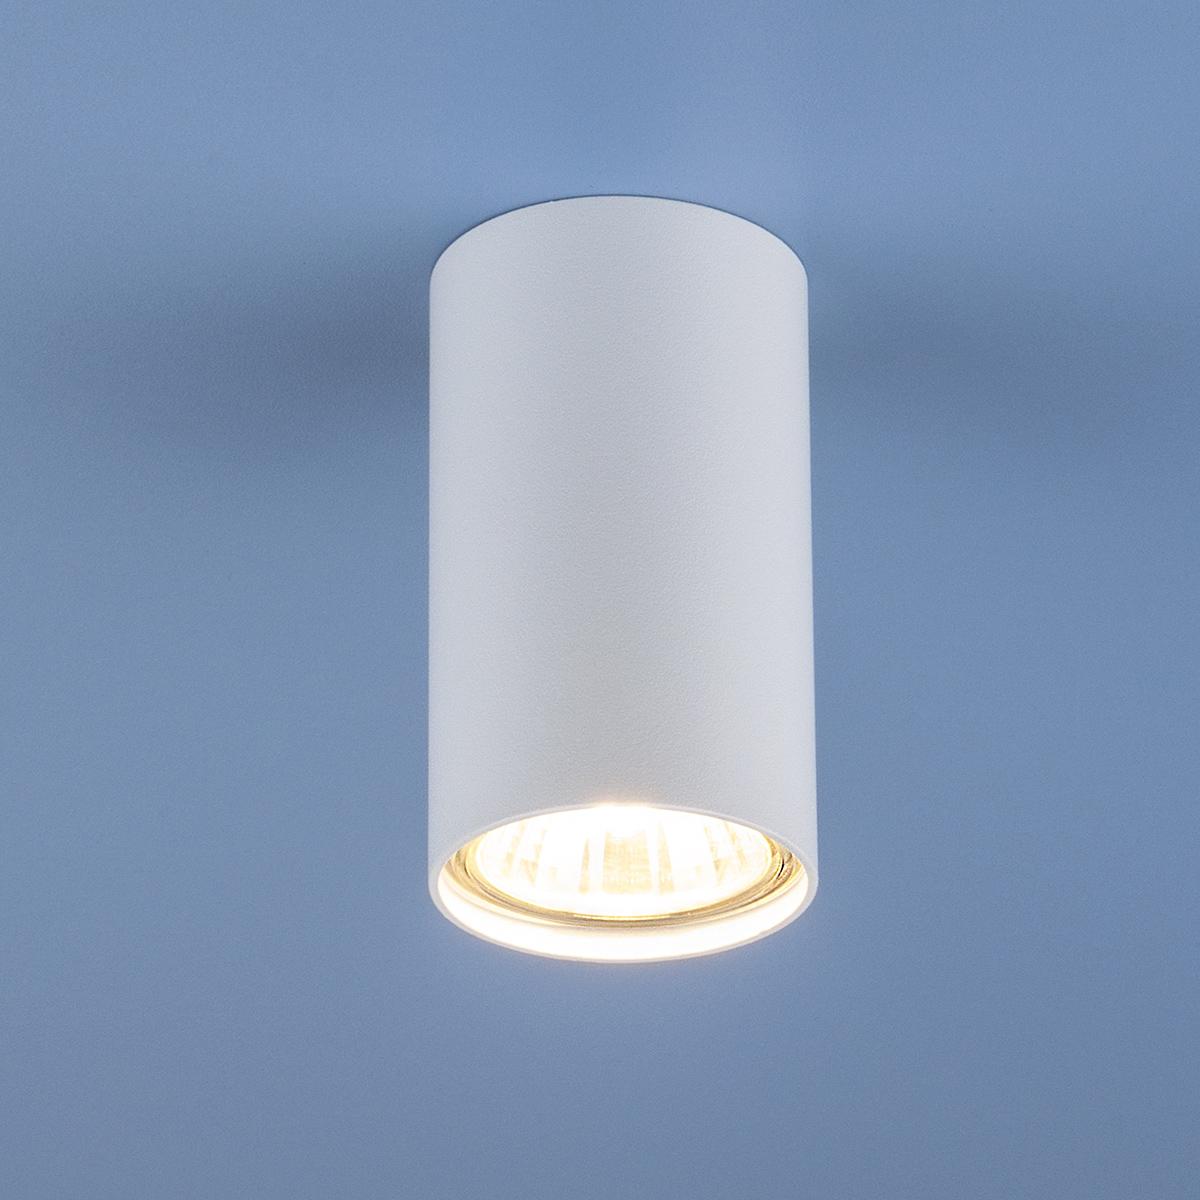 Потолочный светильник Elektrostandard Серия 1081 5255 фото